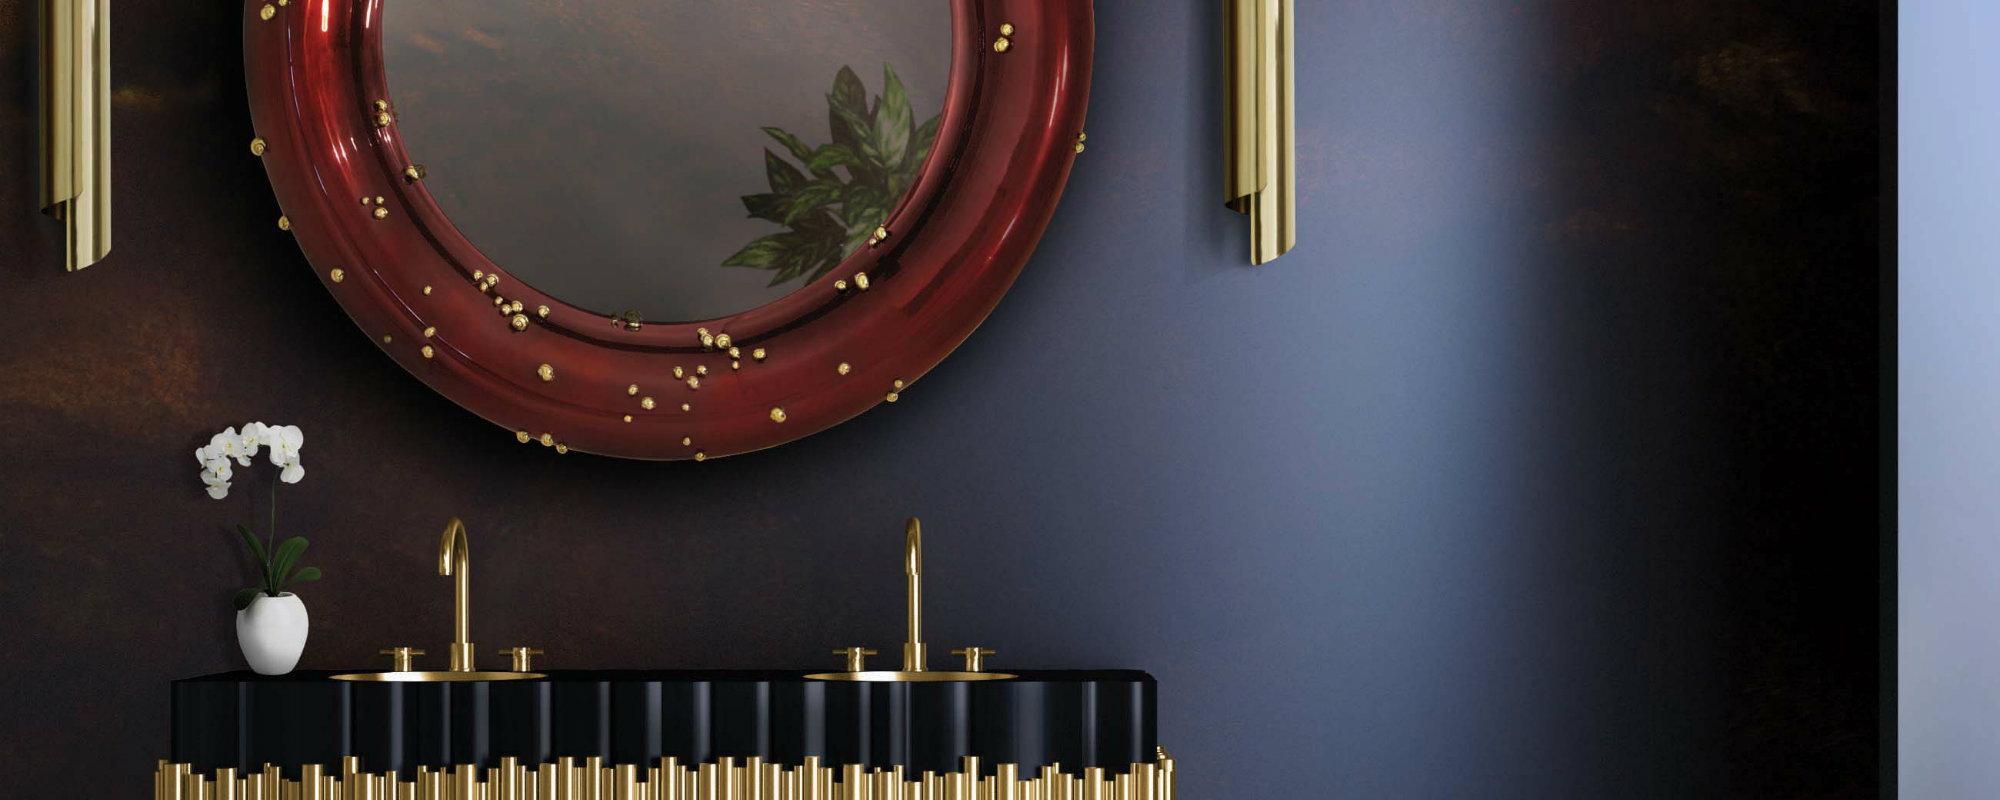 Ideas para Decorar: Espejos de lujo para poneres en una habitación ideas para decorar Ideas para Decorar: Espejos de lujo para poneres en una habitación Kayan Mirror